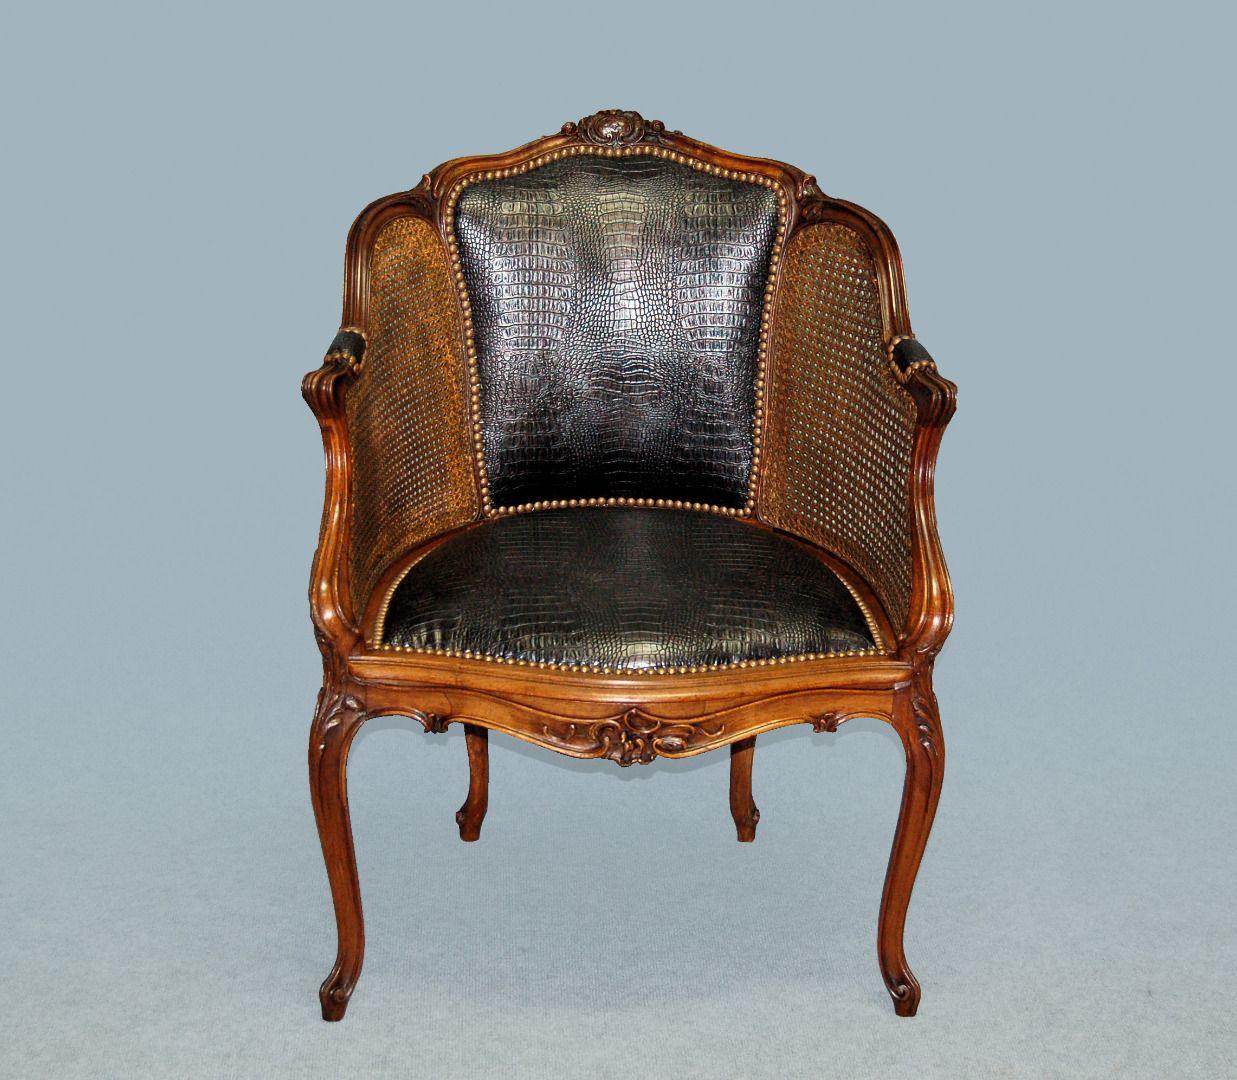 Fauteuil De Bureau Style Louis XV Fauteuil Louis XV Pinterest - Fauteuil louis 15